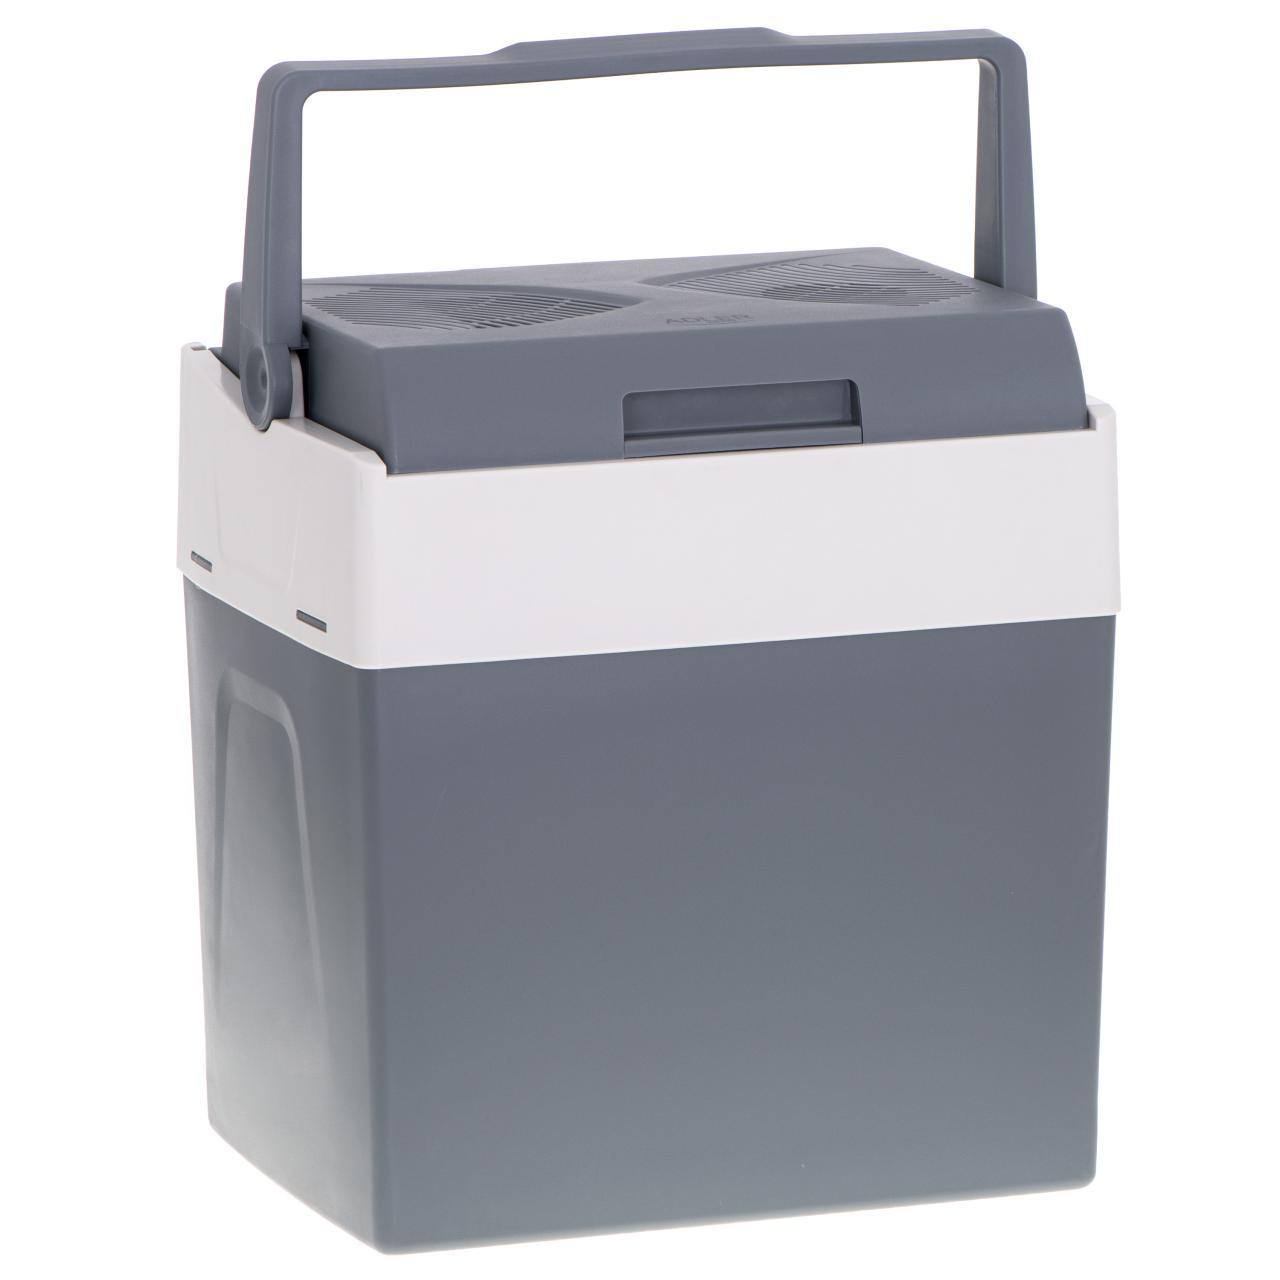 Lada frigorifica auto ADLER AD8078, 220 / 12V, capacitate 30L, cu functie de racire si incalzire, 55W, 43.5x39.6x29.7cm, gri